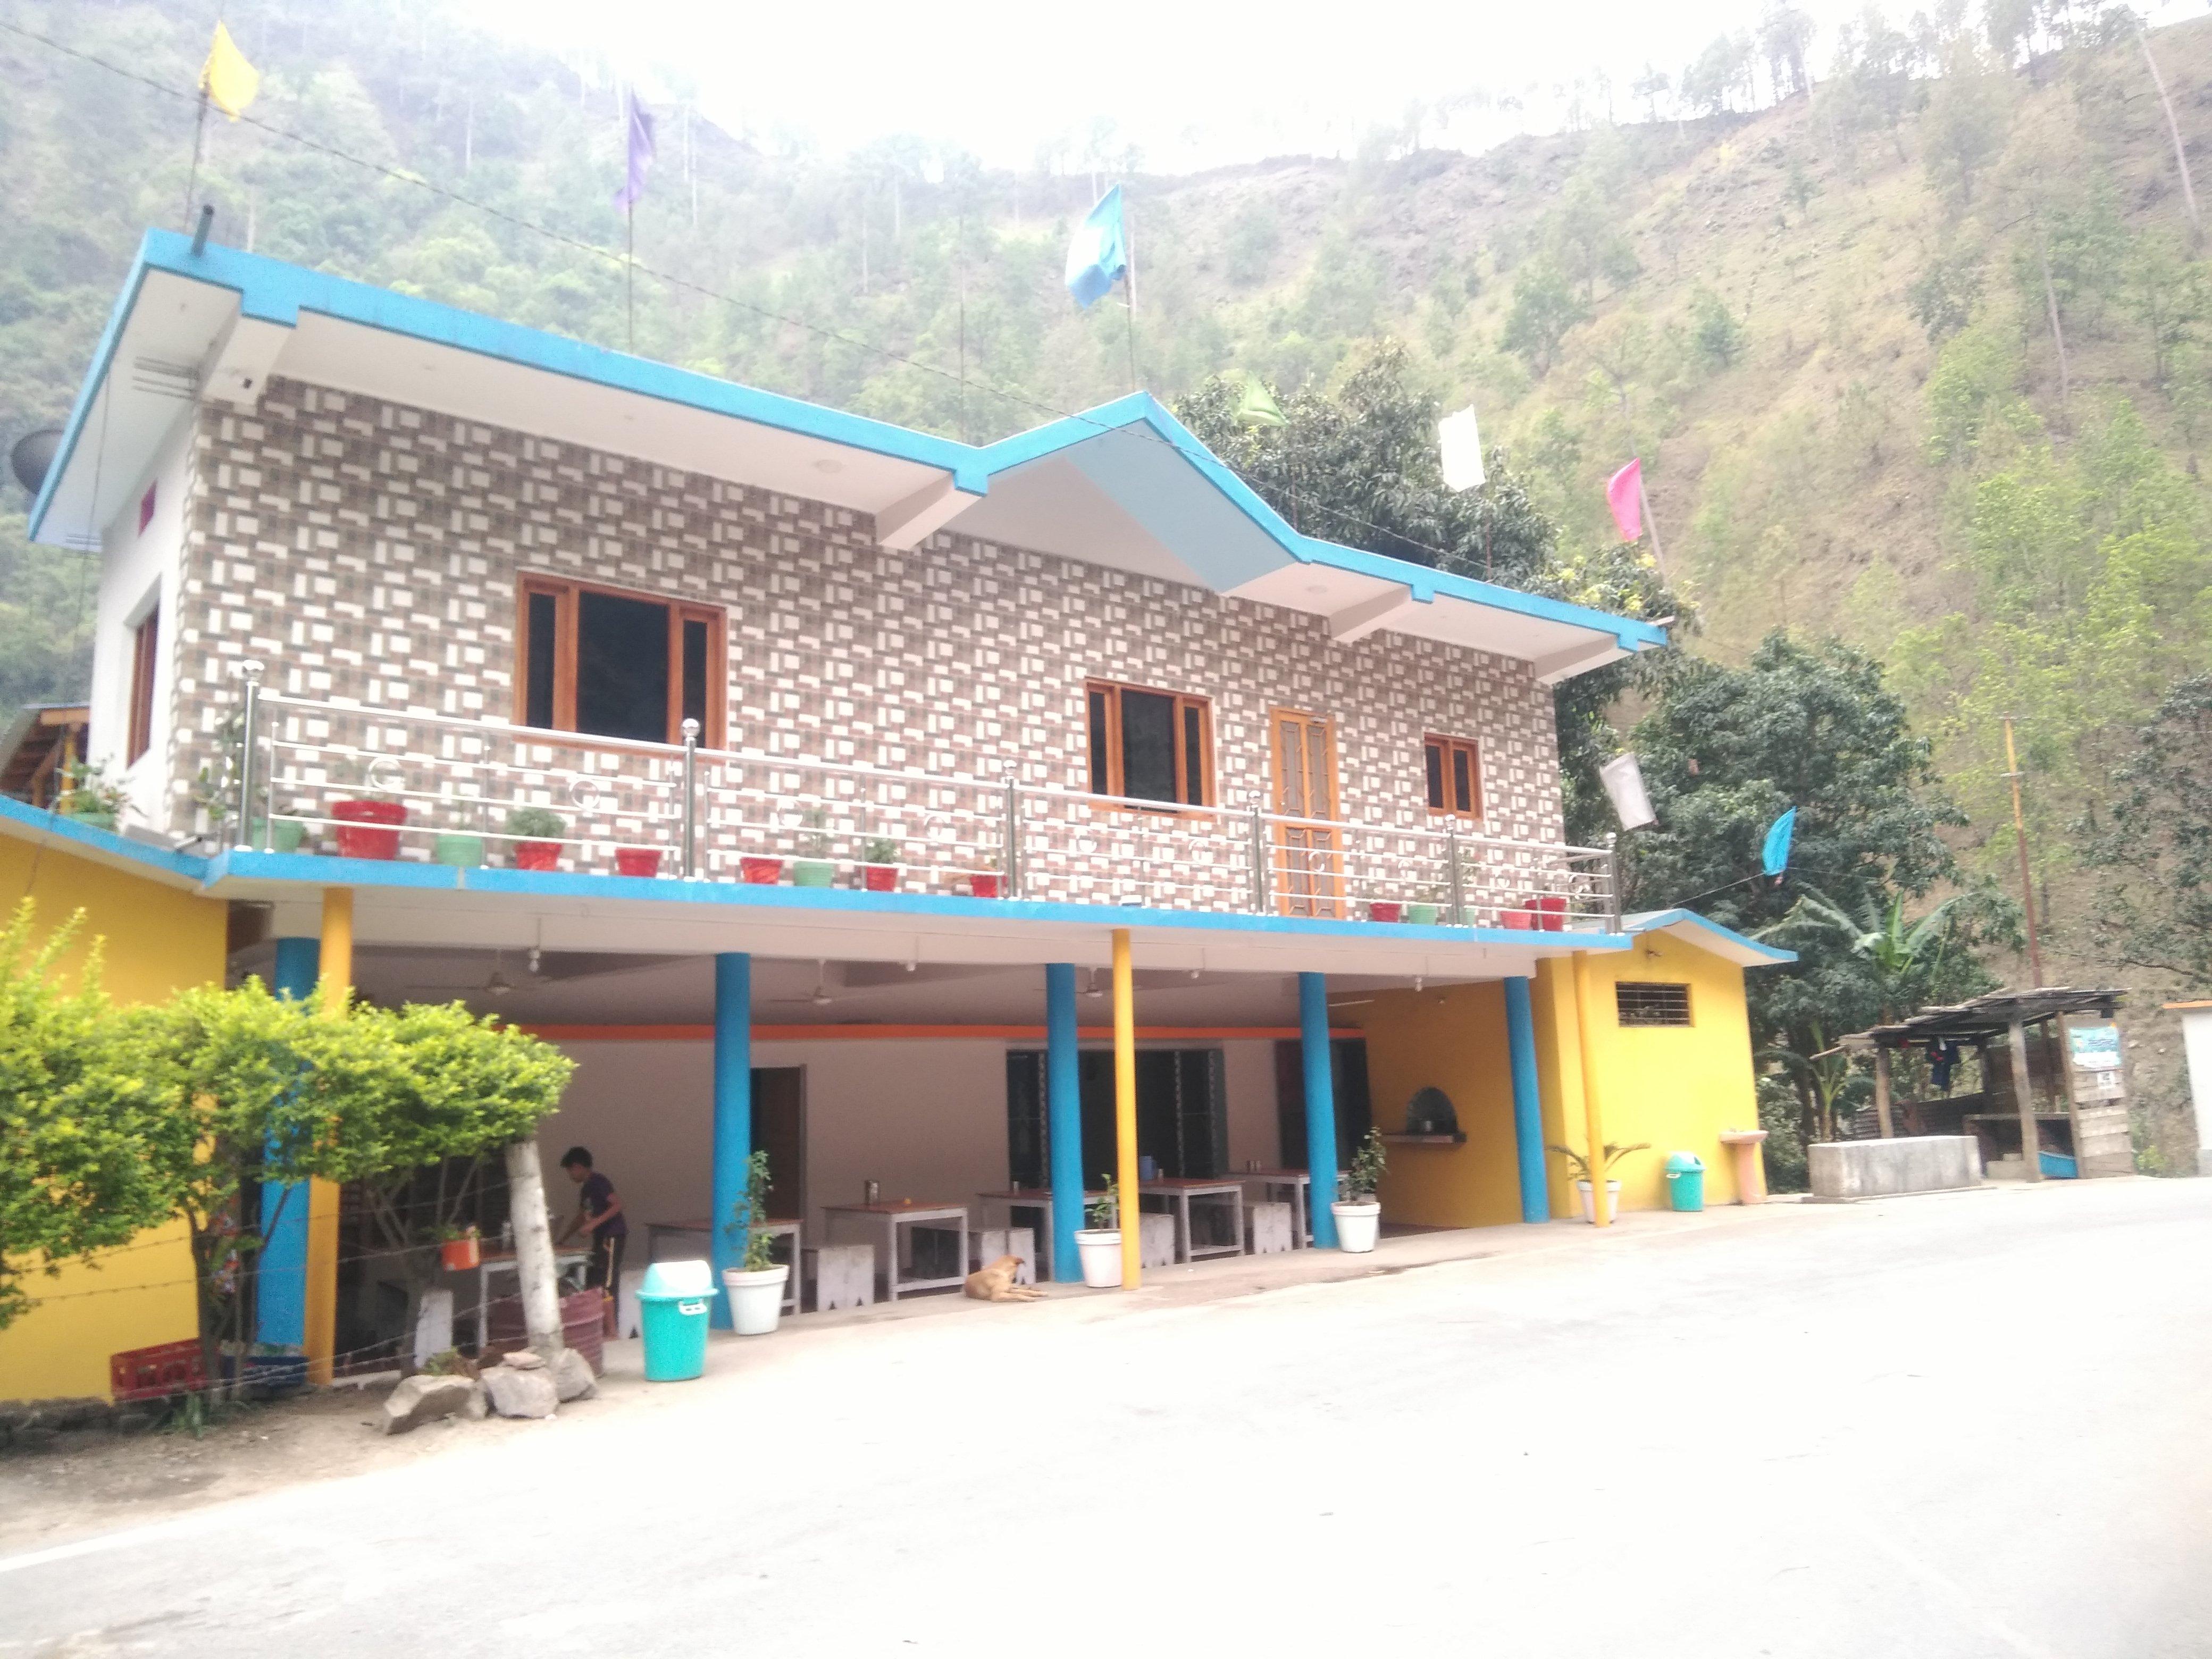 Sheraghat restaurant